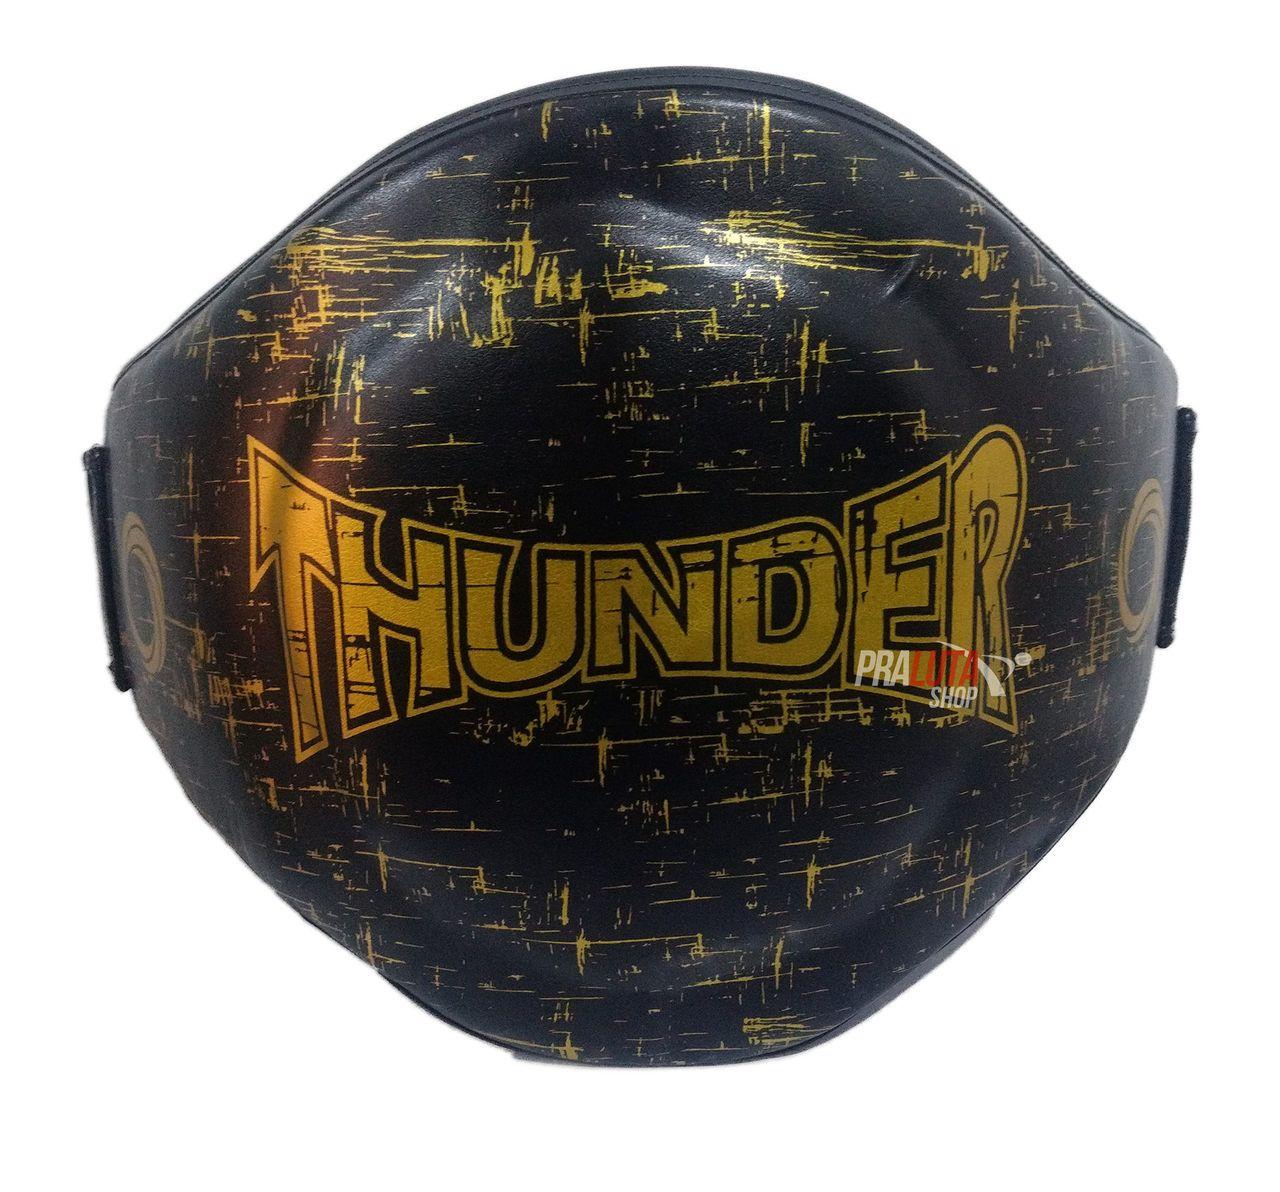 Cinturão para Muay Thai / Boxe Preto com Dourado - Thunder Fight  - PRALUTA SHOP